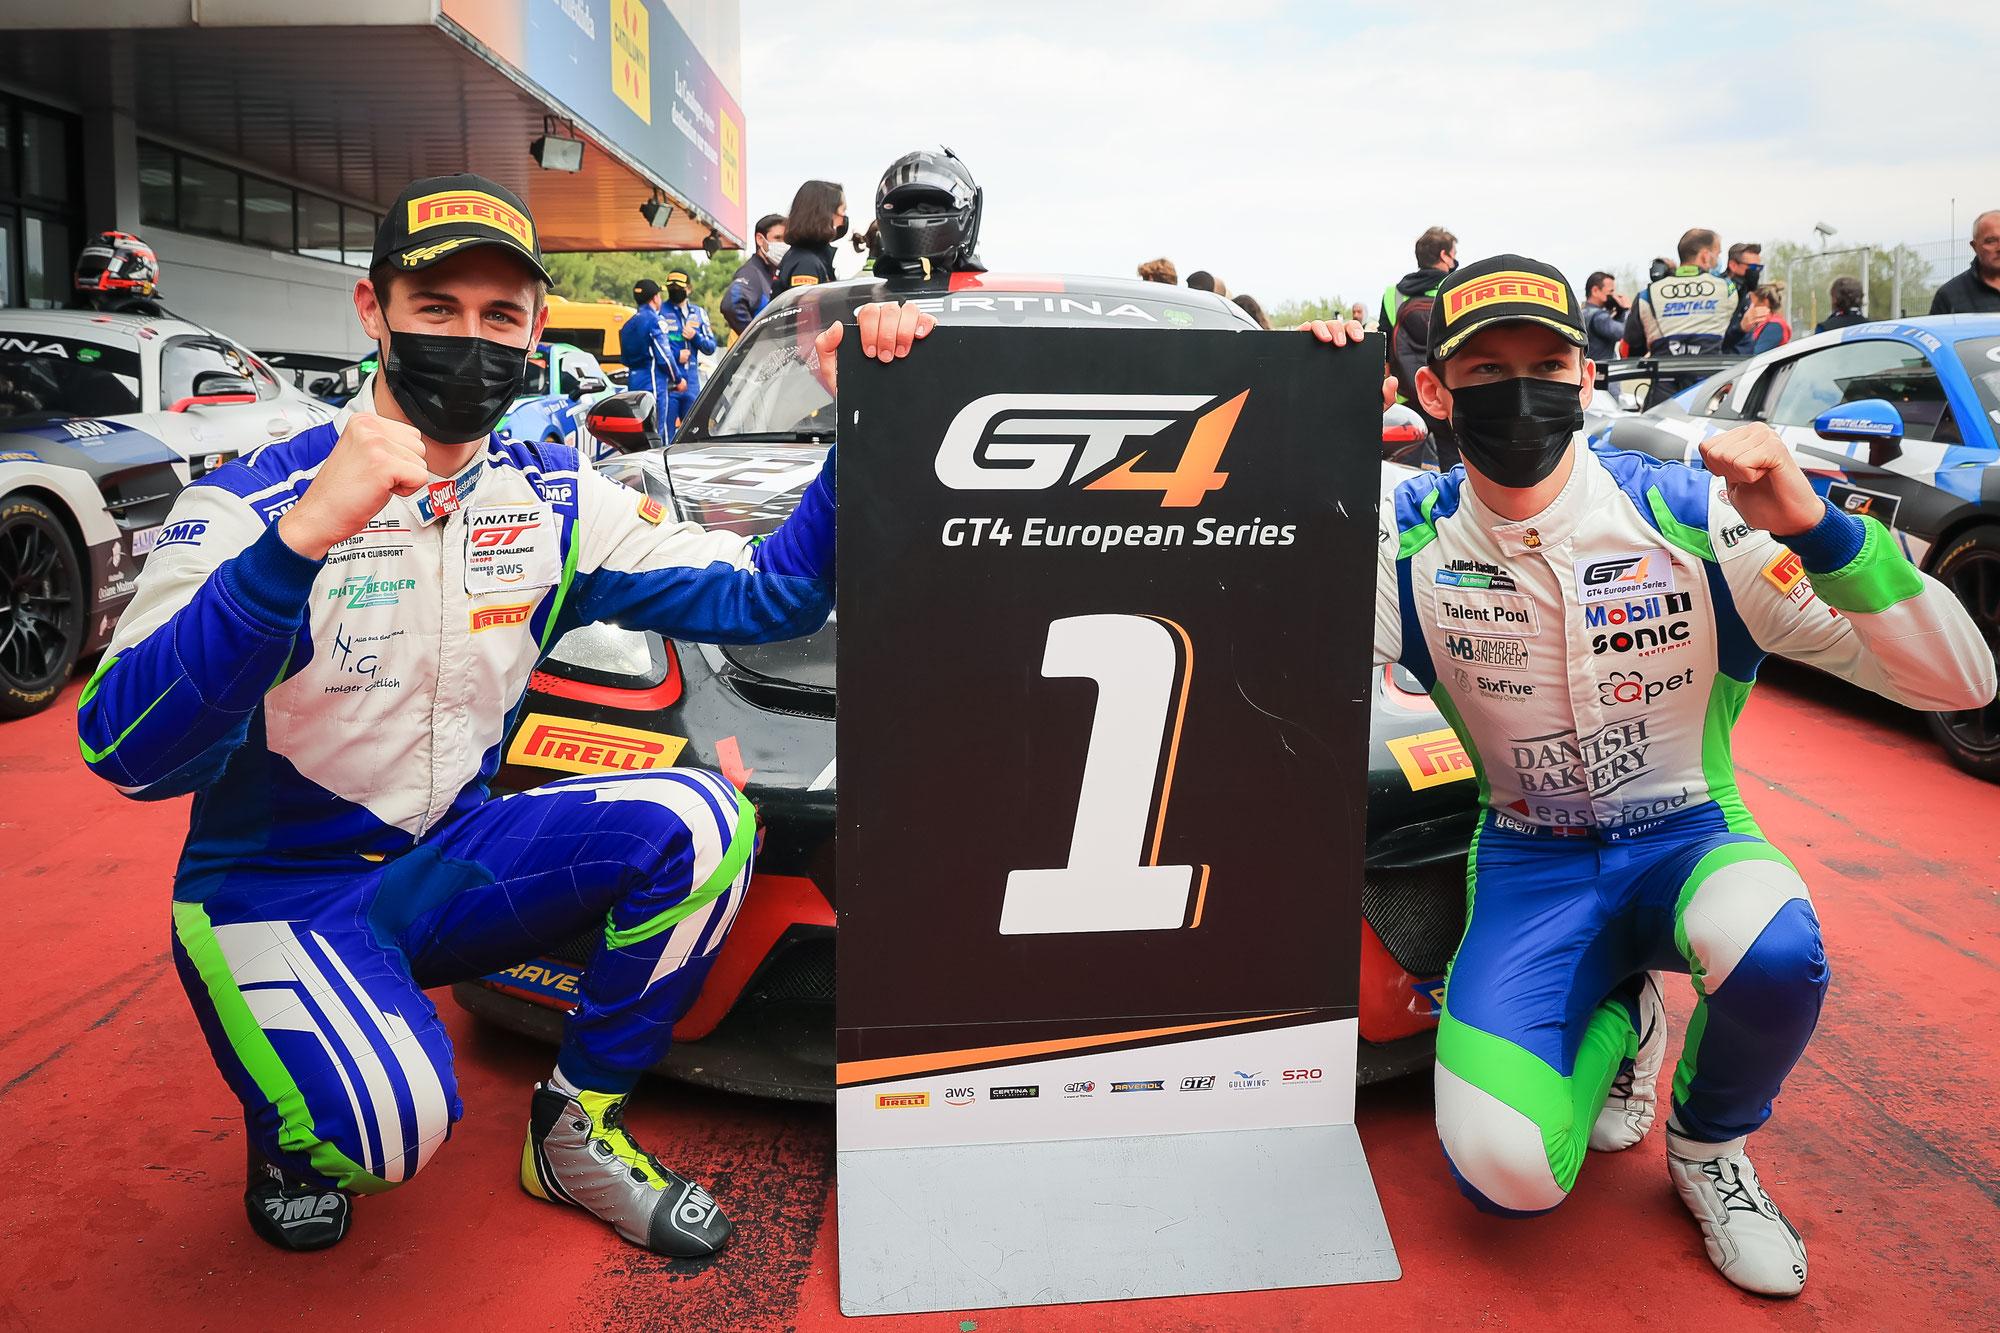 NRingInfo Supporter Joel Sturm und Bastian Buus gewinnen den zweiten Lauf der GT4 European Series in Barcelona